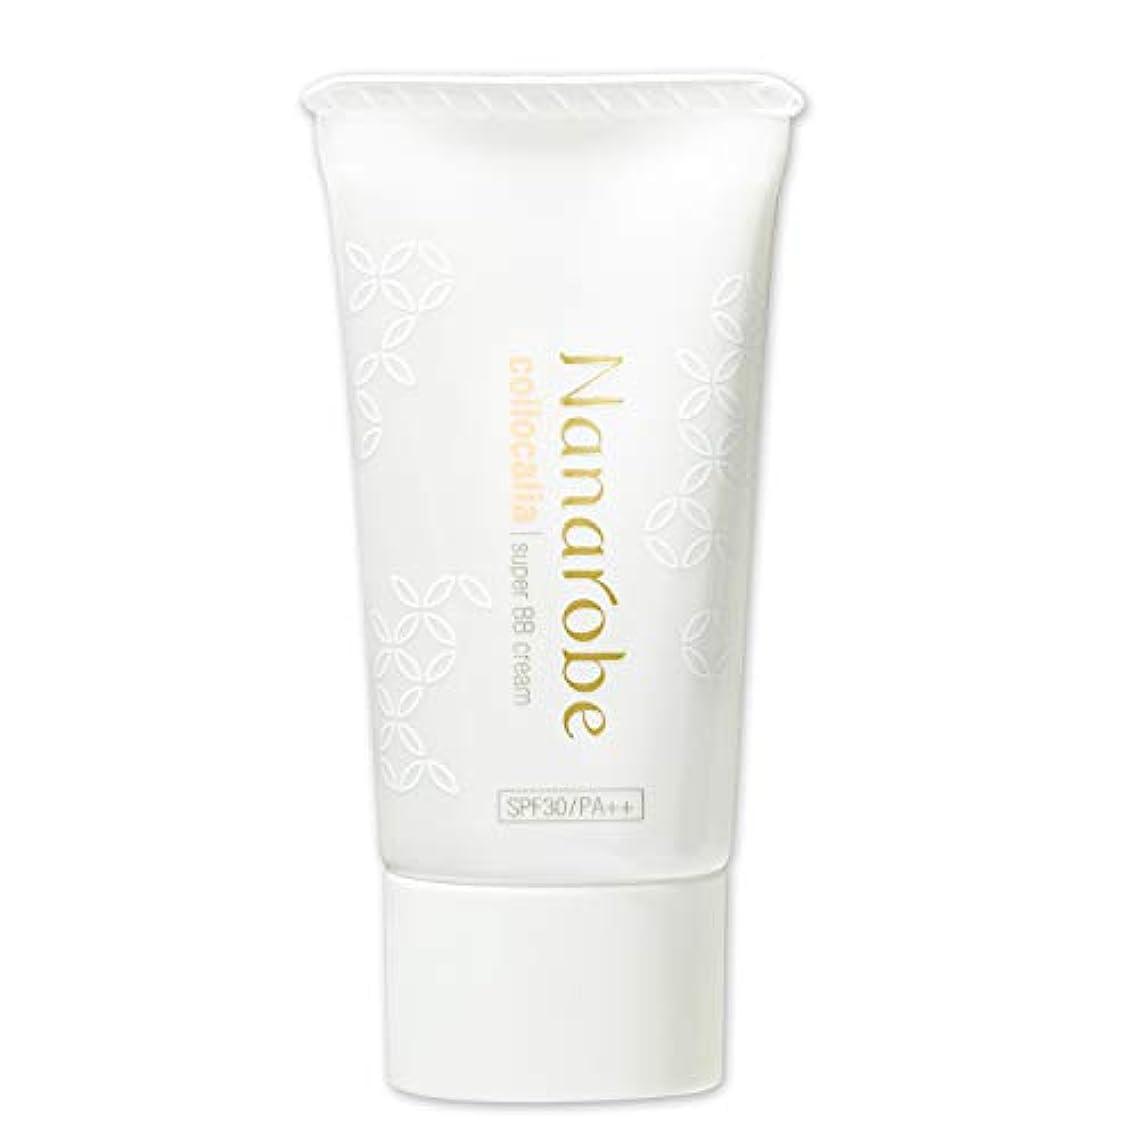 機械ハッチ慣性ナナローブ (Nanarobe) BBクリーム 化粧下地 ファンデーション コロカリア UV SPF30 PA++ 30g